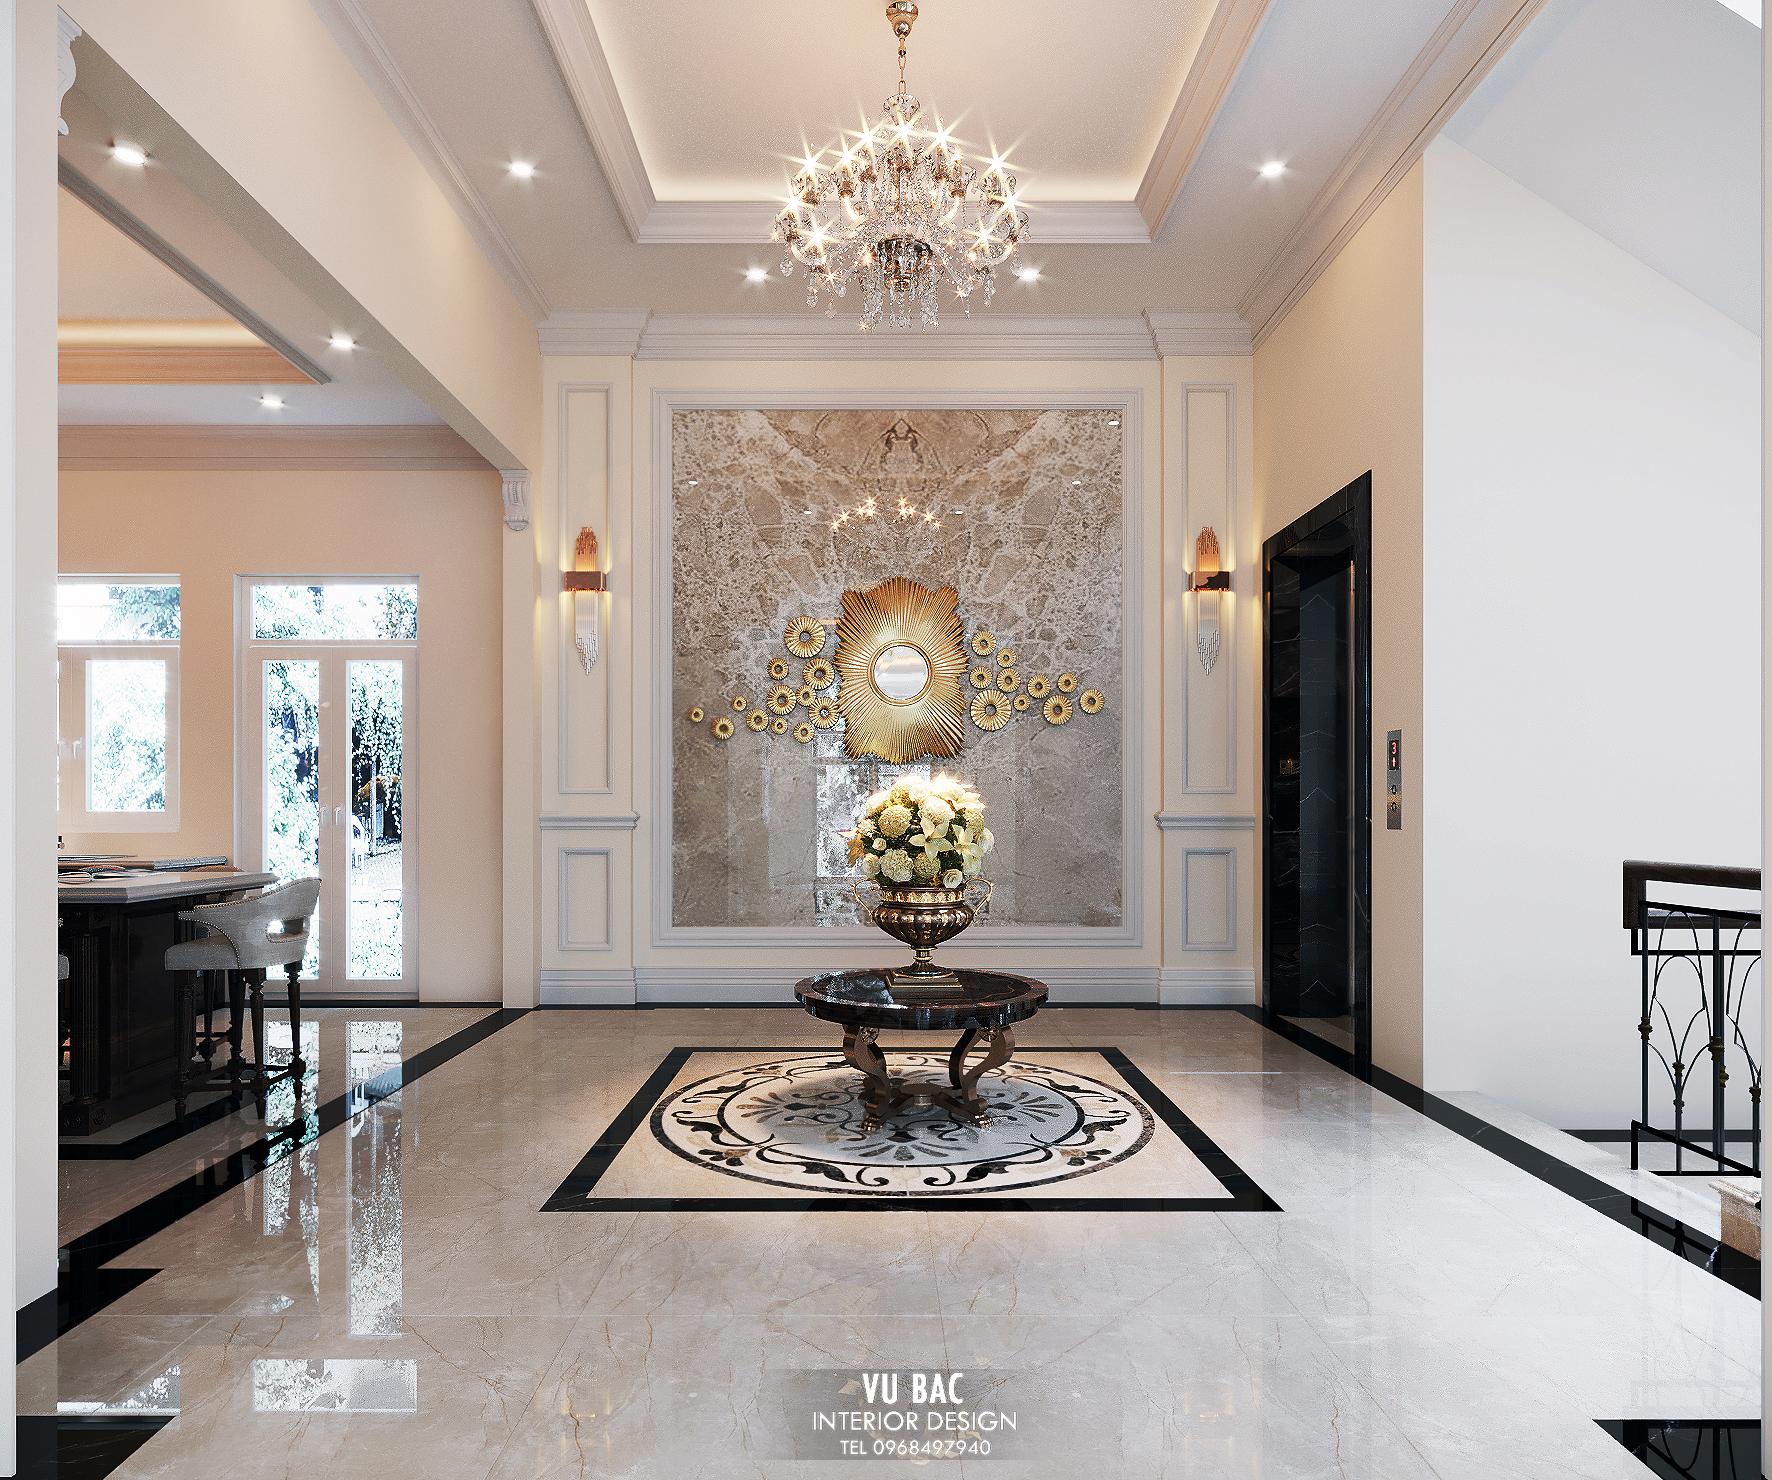 thiết kế nội thất Biệt Thự tại Hồ Chí Minh Villa Ven Sông Q7, Hồ Chí Minh 15 1548942978